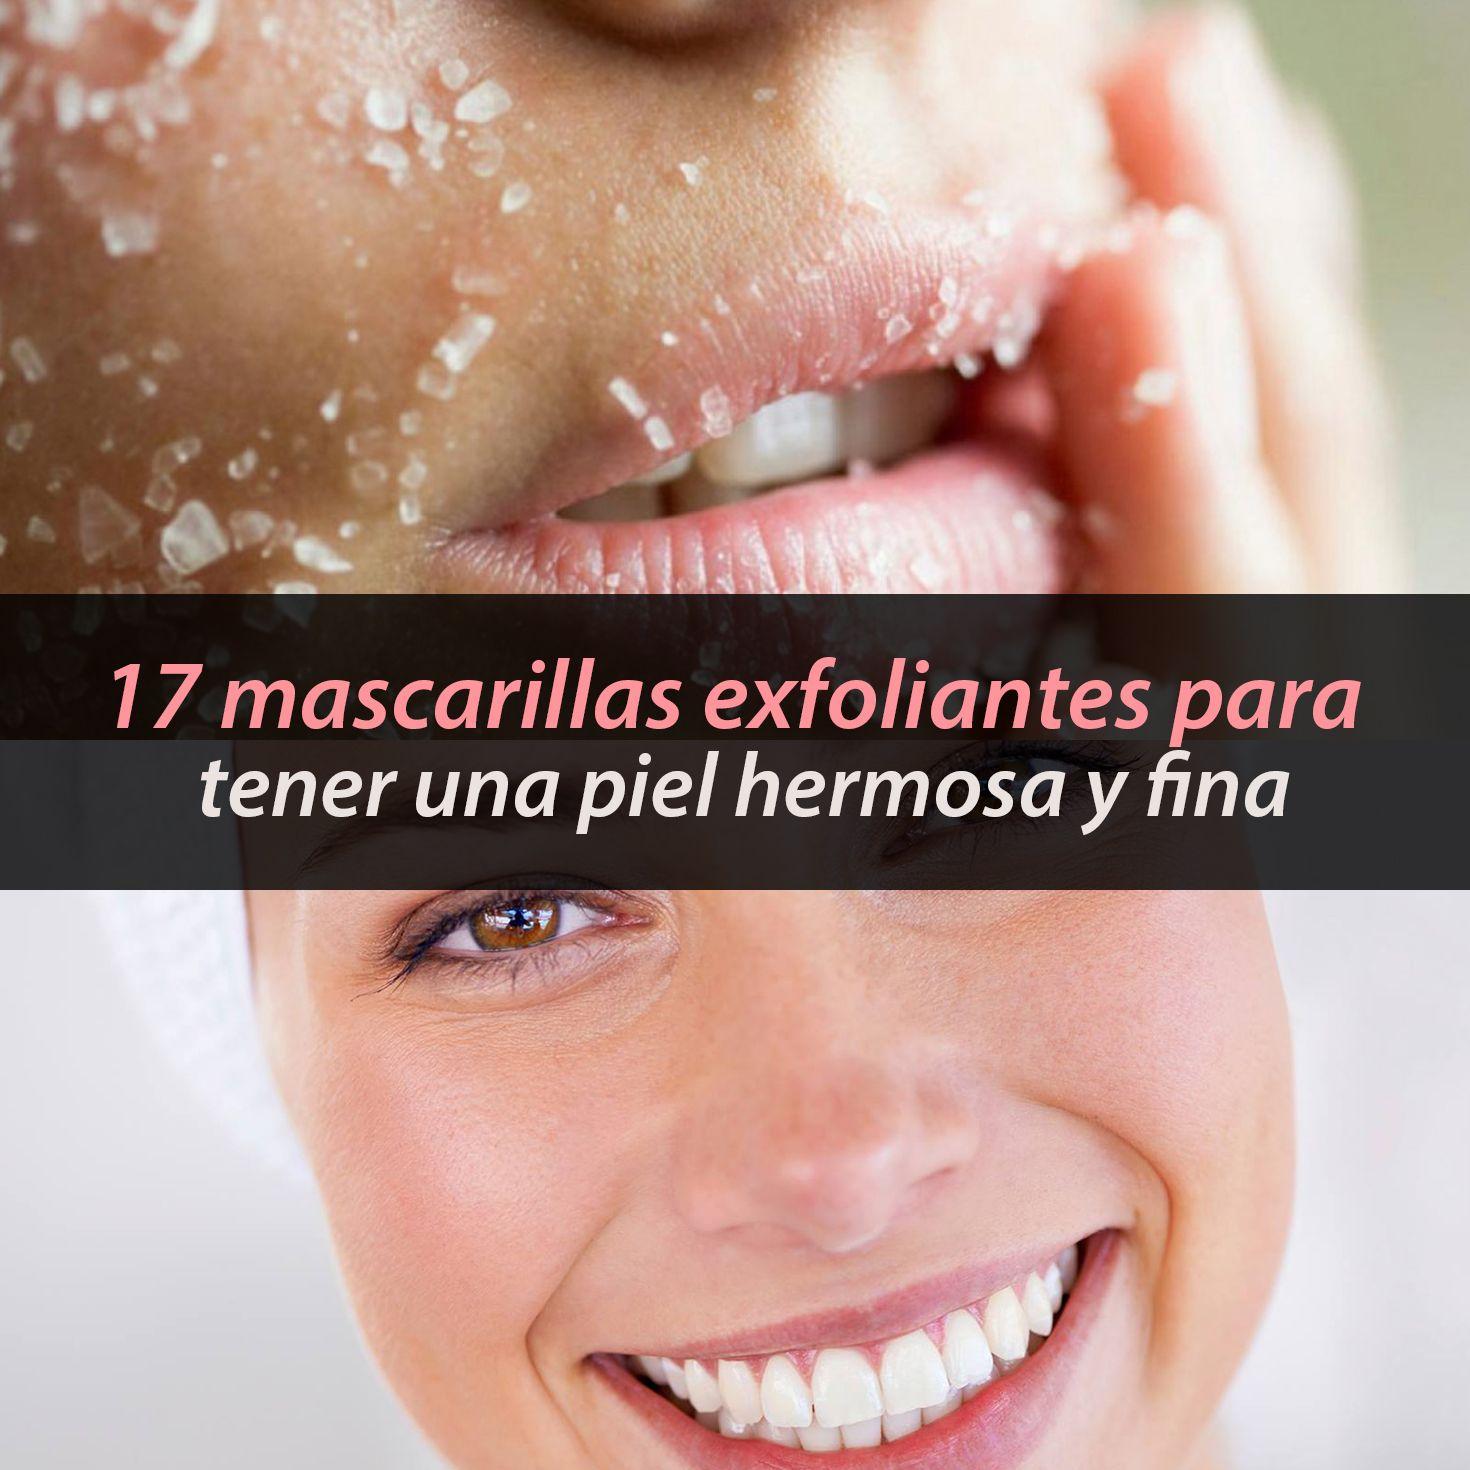 17 Mascarillas Exfoliantes Para Tener Una Piel Hermosa Y Fina Métodos Para Ligar Skin Care Skin Makeup